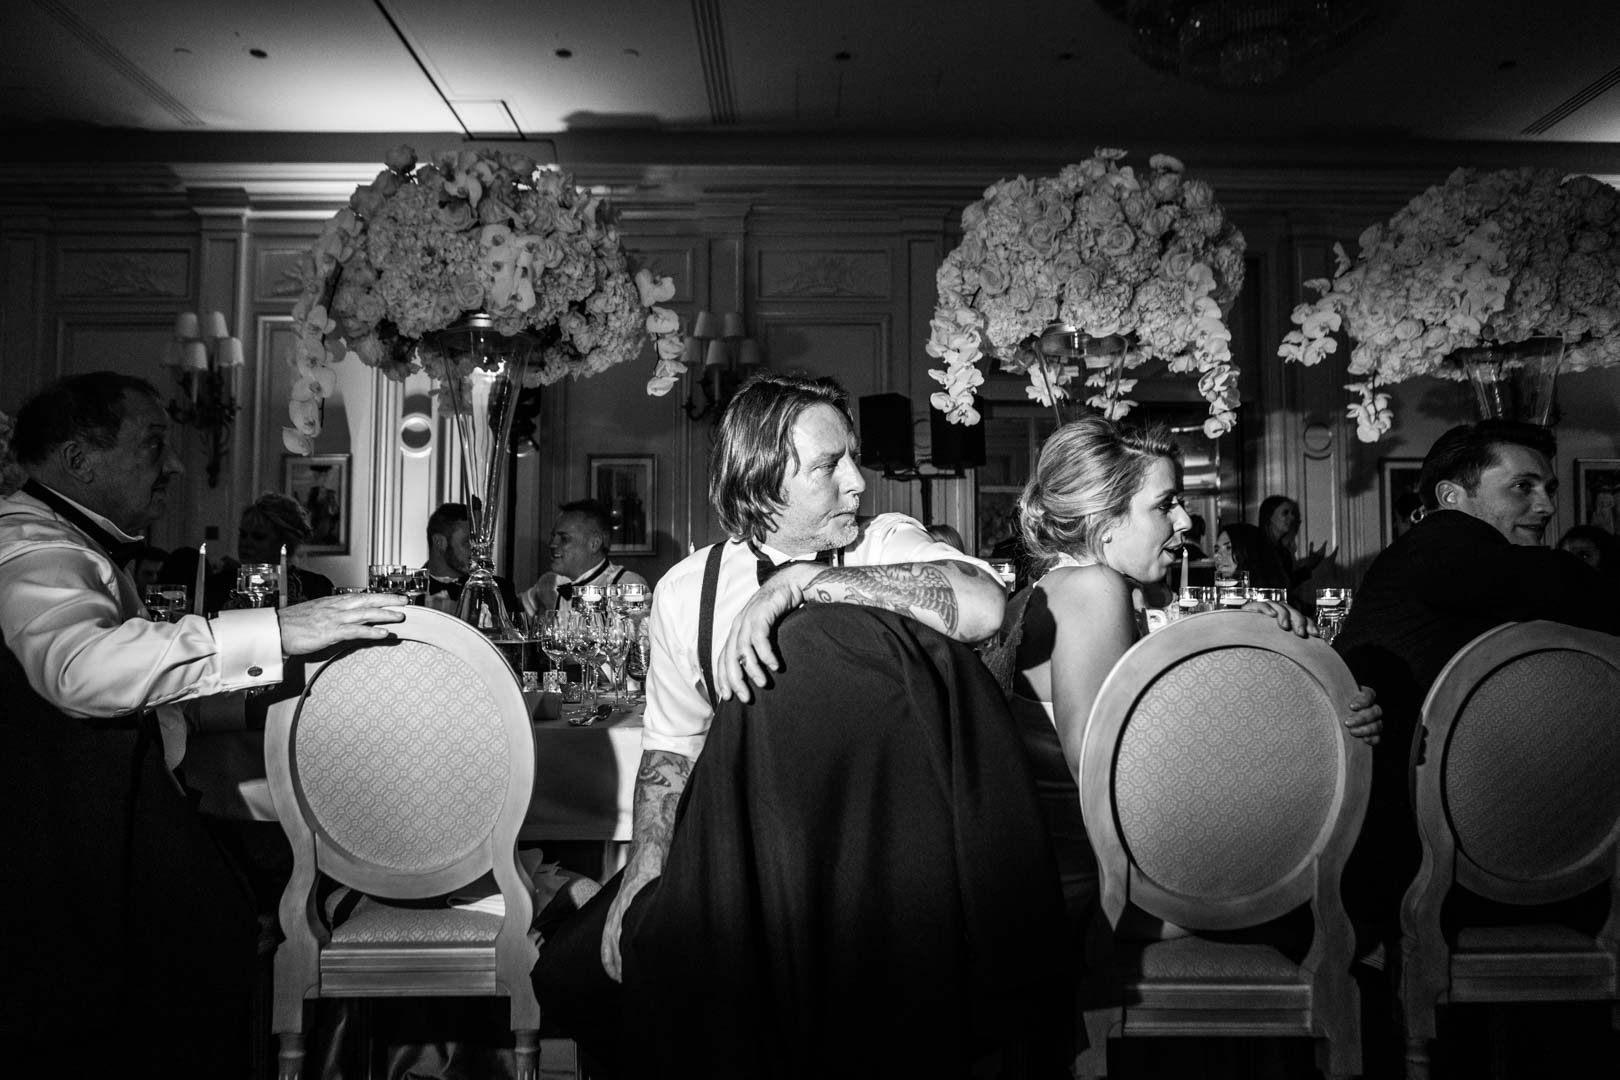 L'homme aux tatouages, mariage au Ritz. Photo noir et blanc